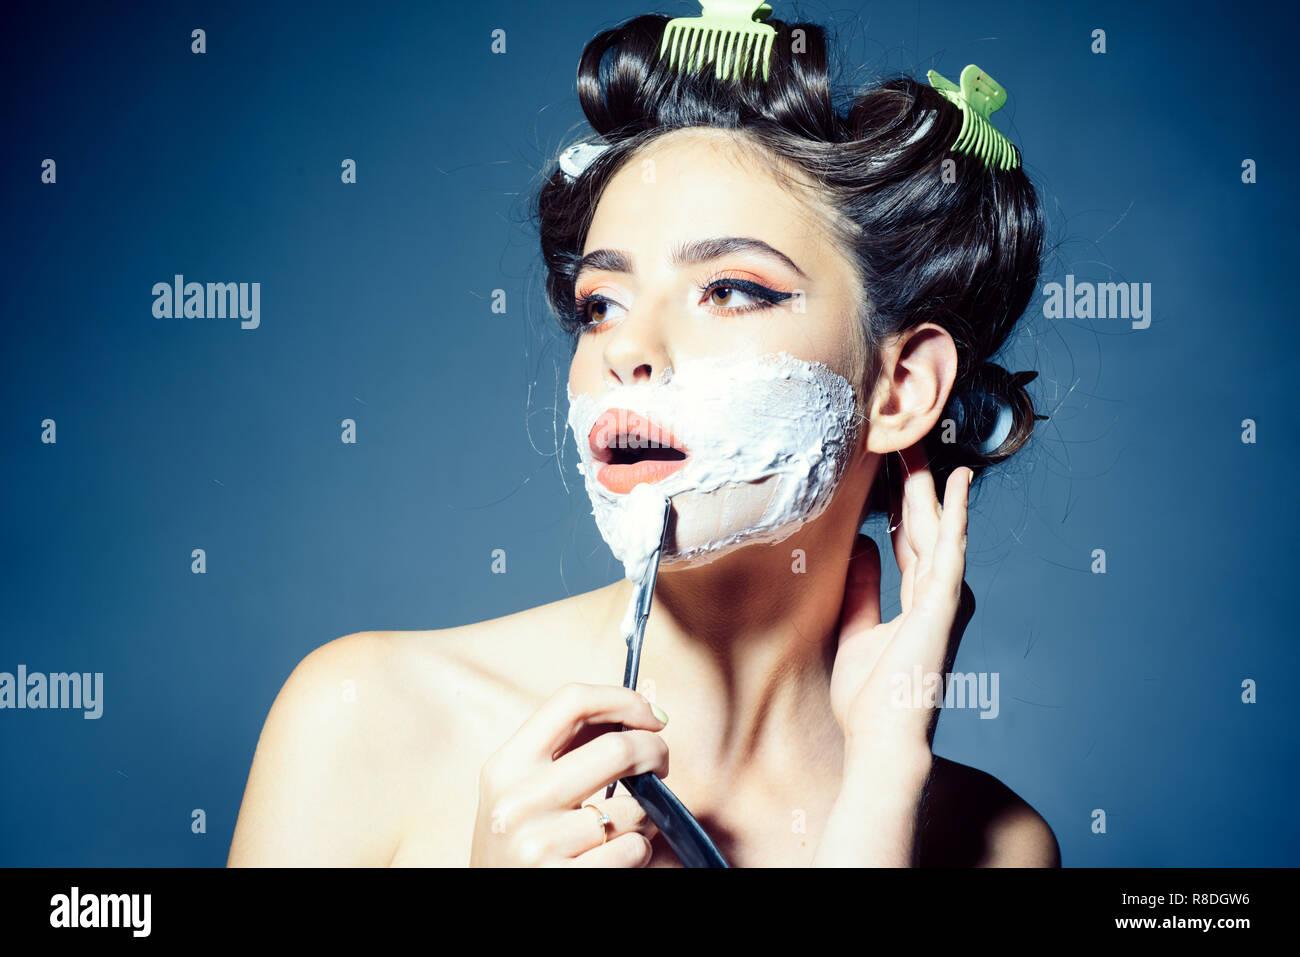 16f7f5bed66 Chica bonita en estilo vintage. Mujer afeitarse con espuma y navaja. pin up  mujer con maquillaje ...